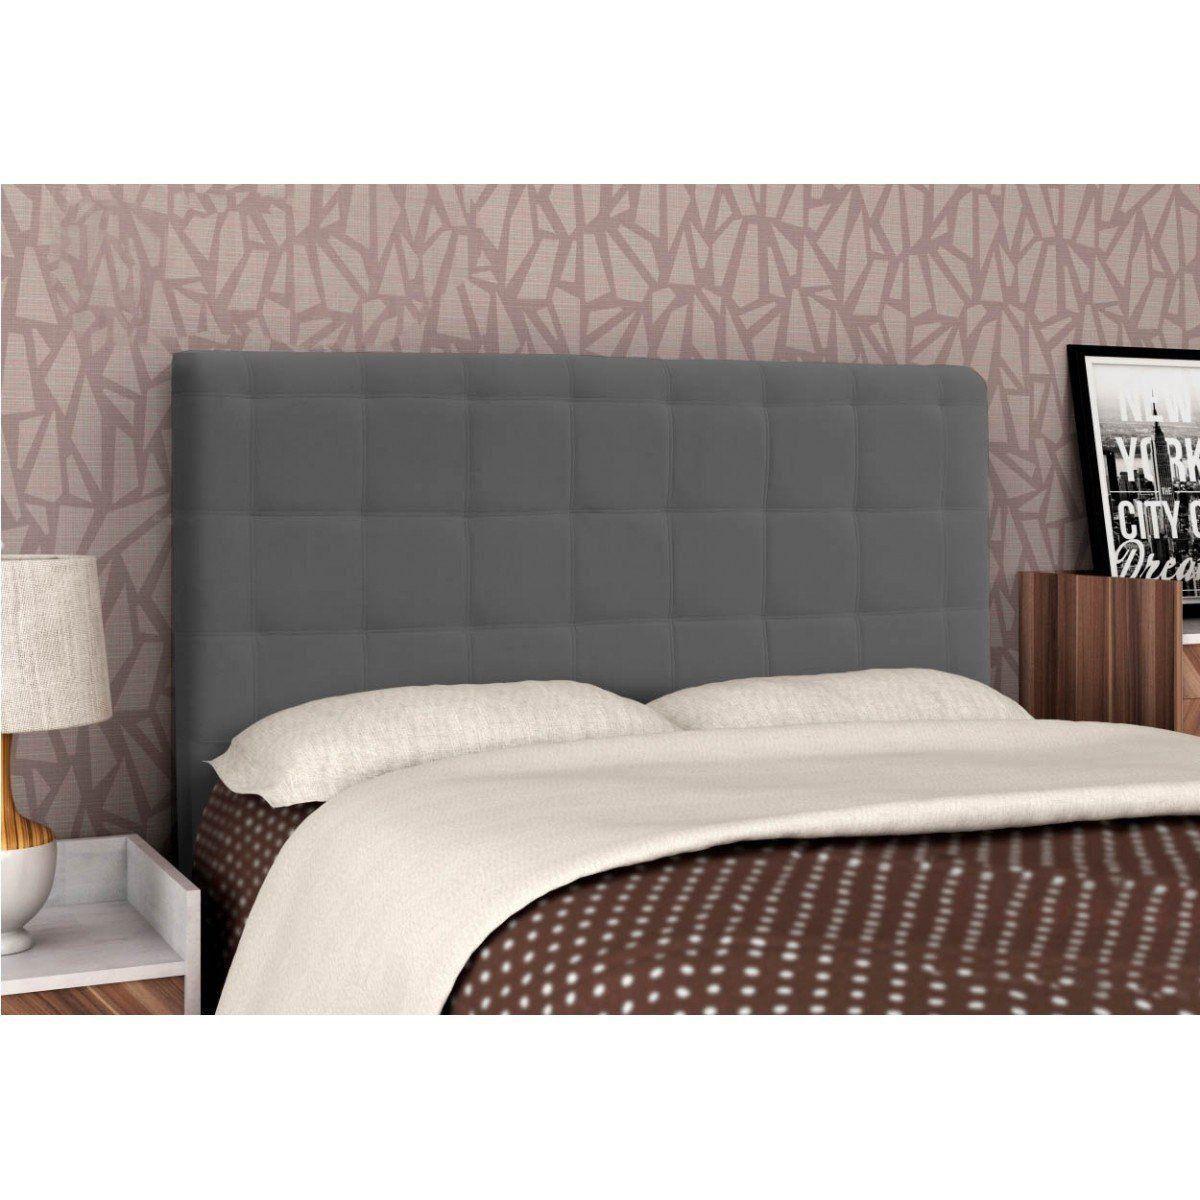 b0307c937 Cabeceira cama box casal king daniele bremol cabeceiras jpg 1200x1200  Cabeceiras para cama box casal